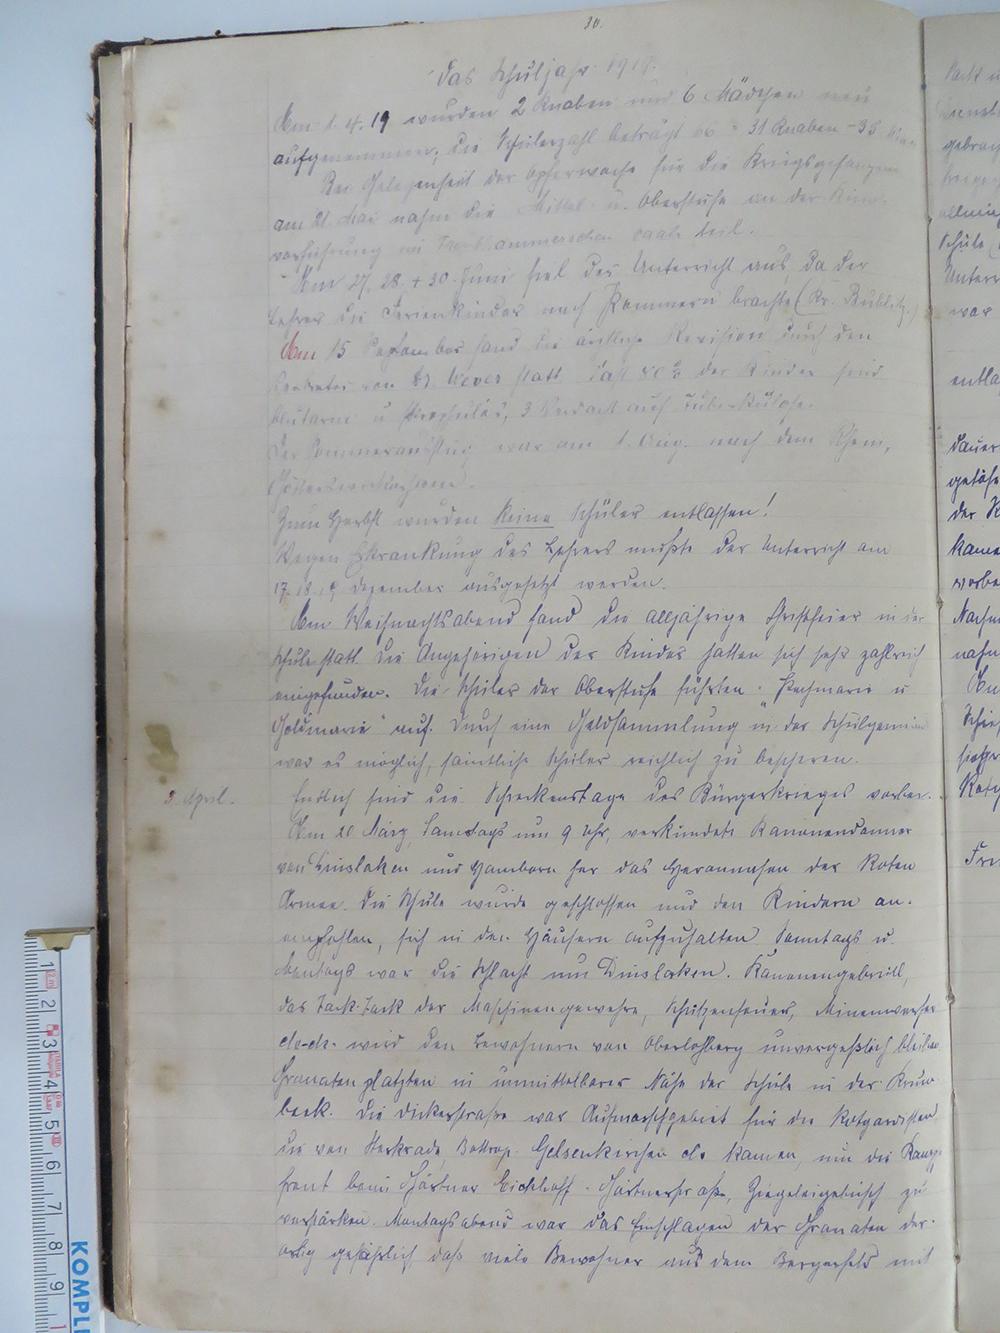 Aus: Die Chronik der evangelischen Schule zu Oberlohberg II. Teil. StA Dinslaken. S 10, S. 30f